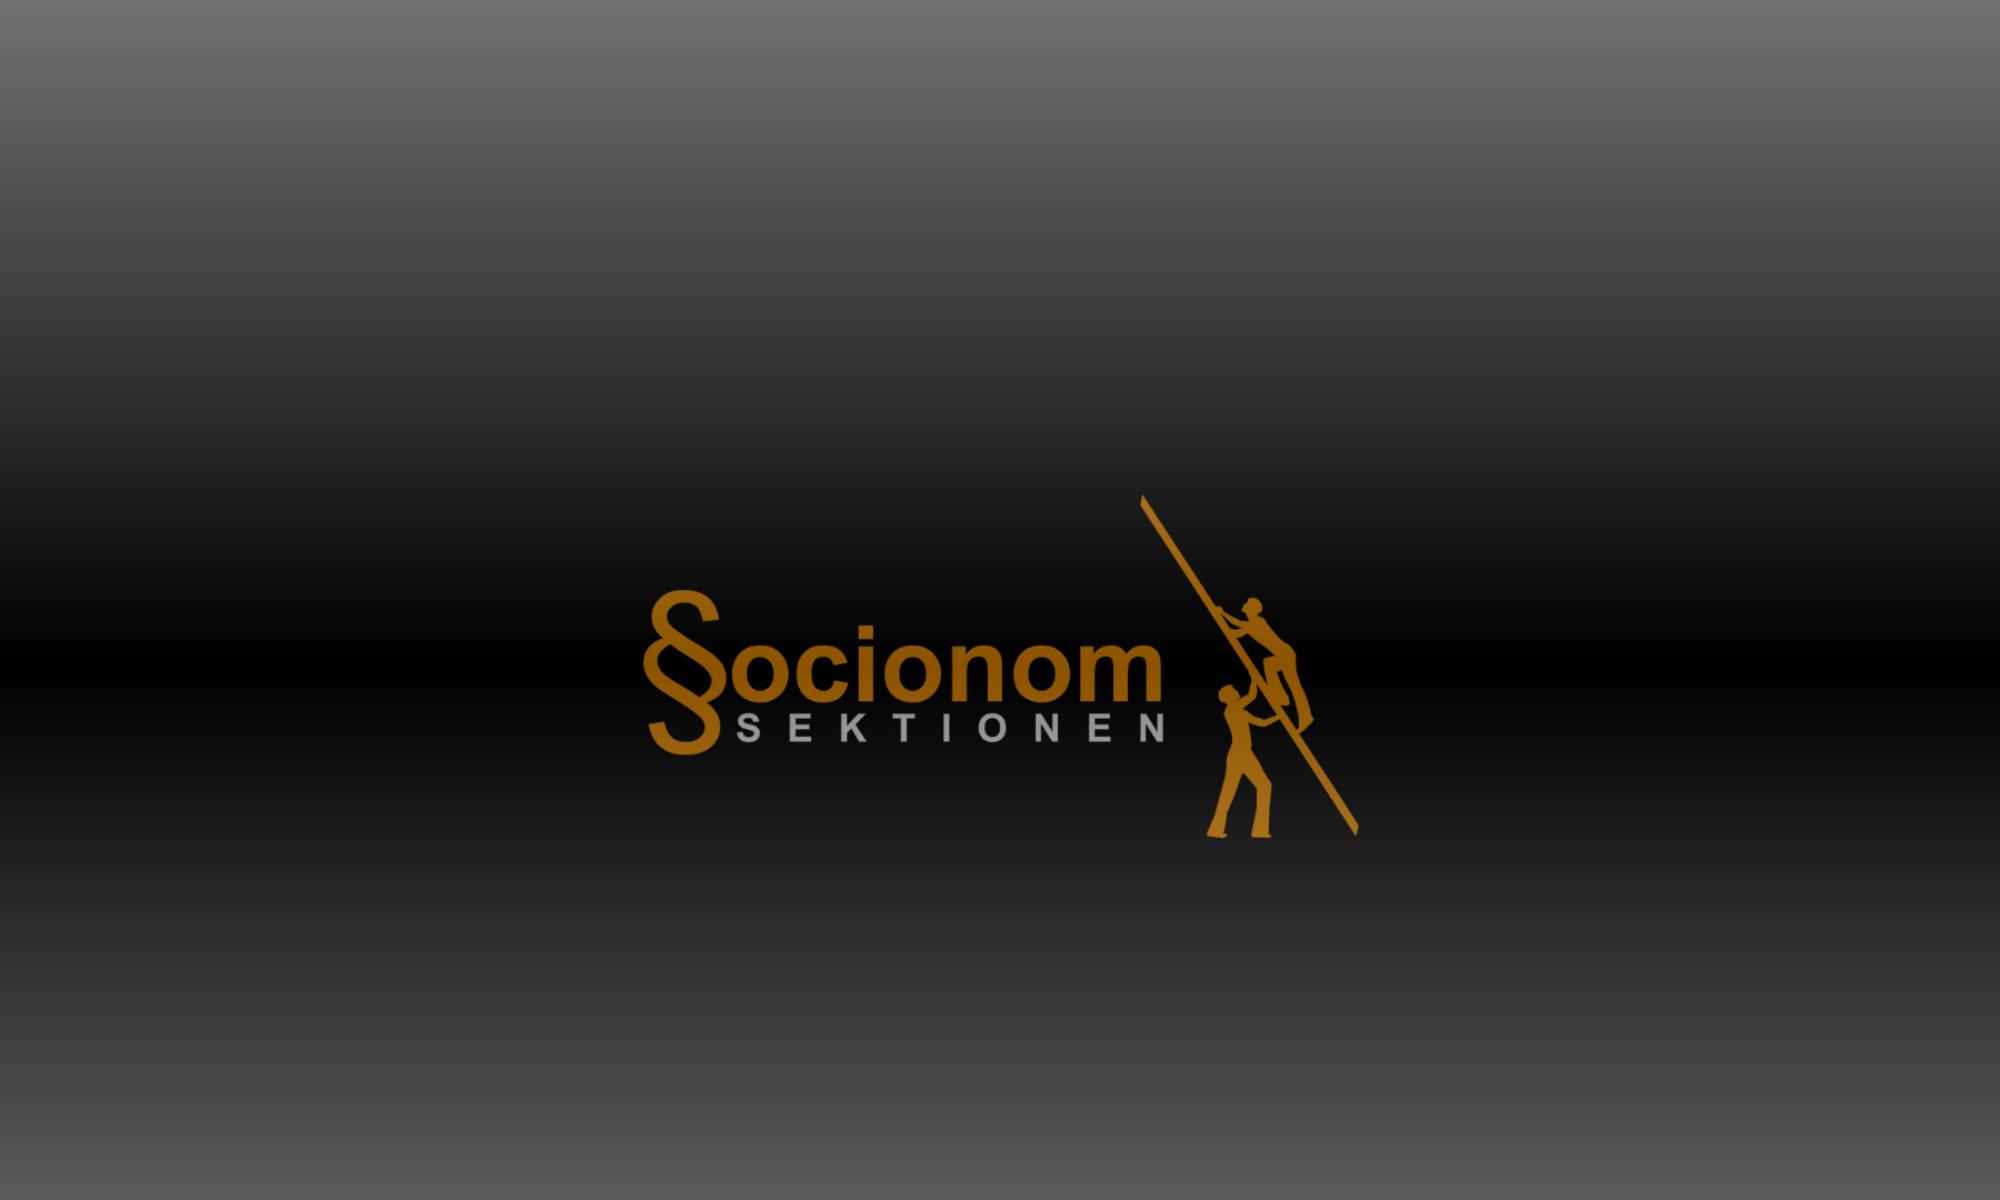 Socionomsektionen LiU